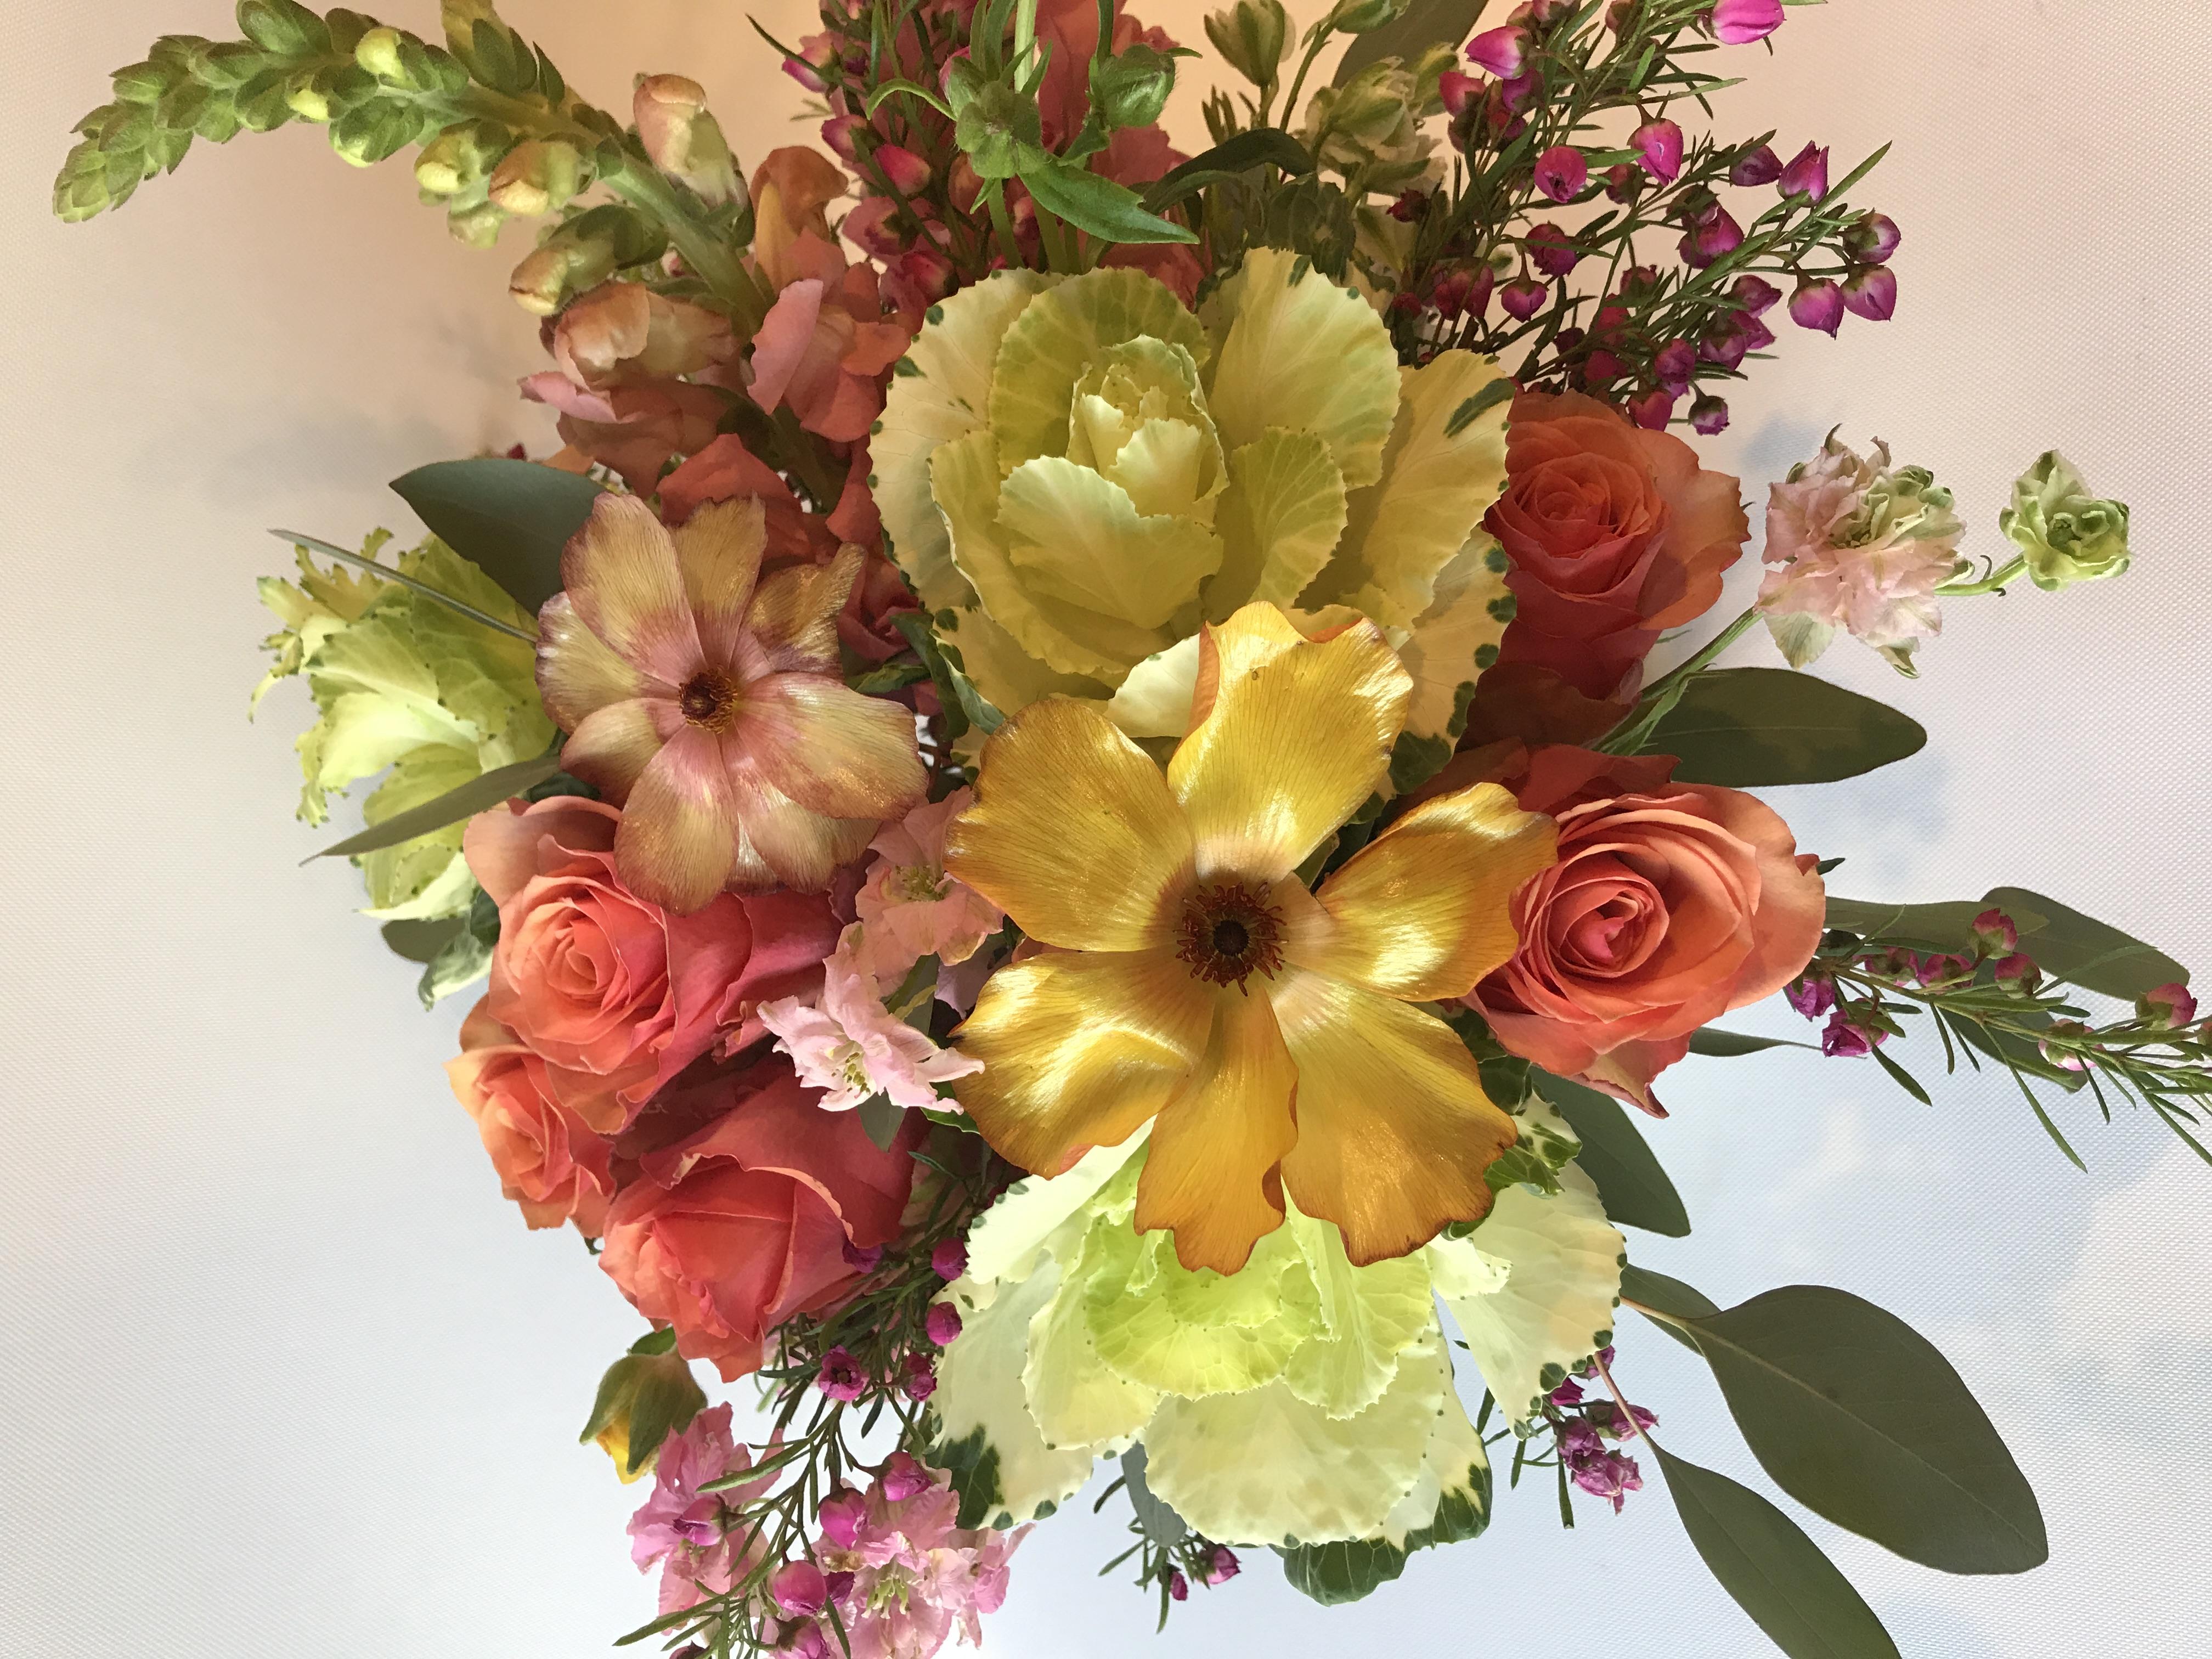 Minneapolis Flowers Leaf Roses Florist Florist Near Me Bouquet